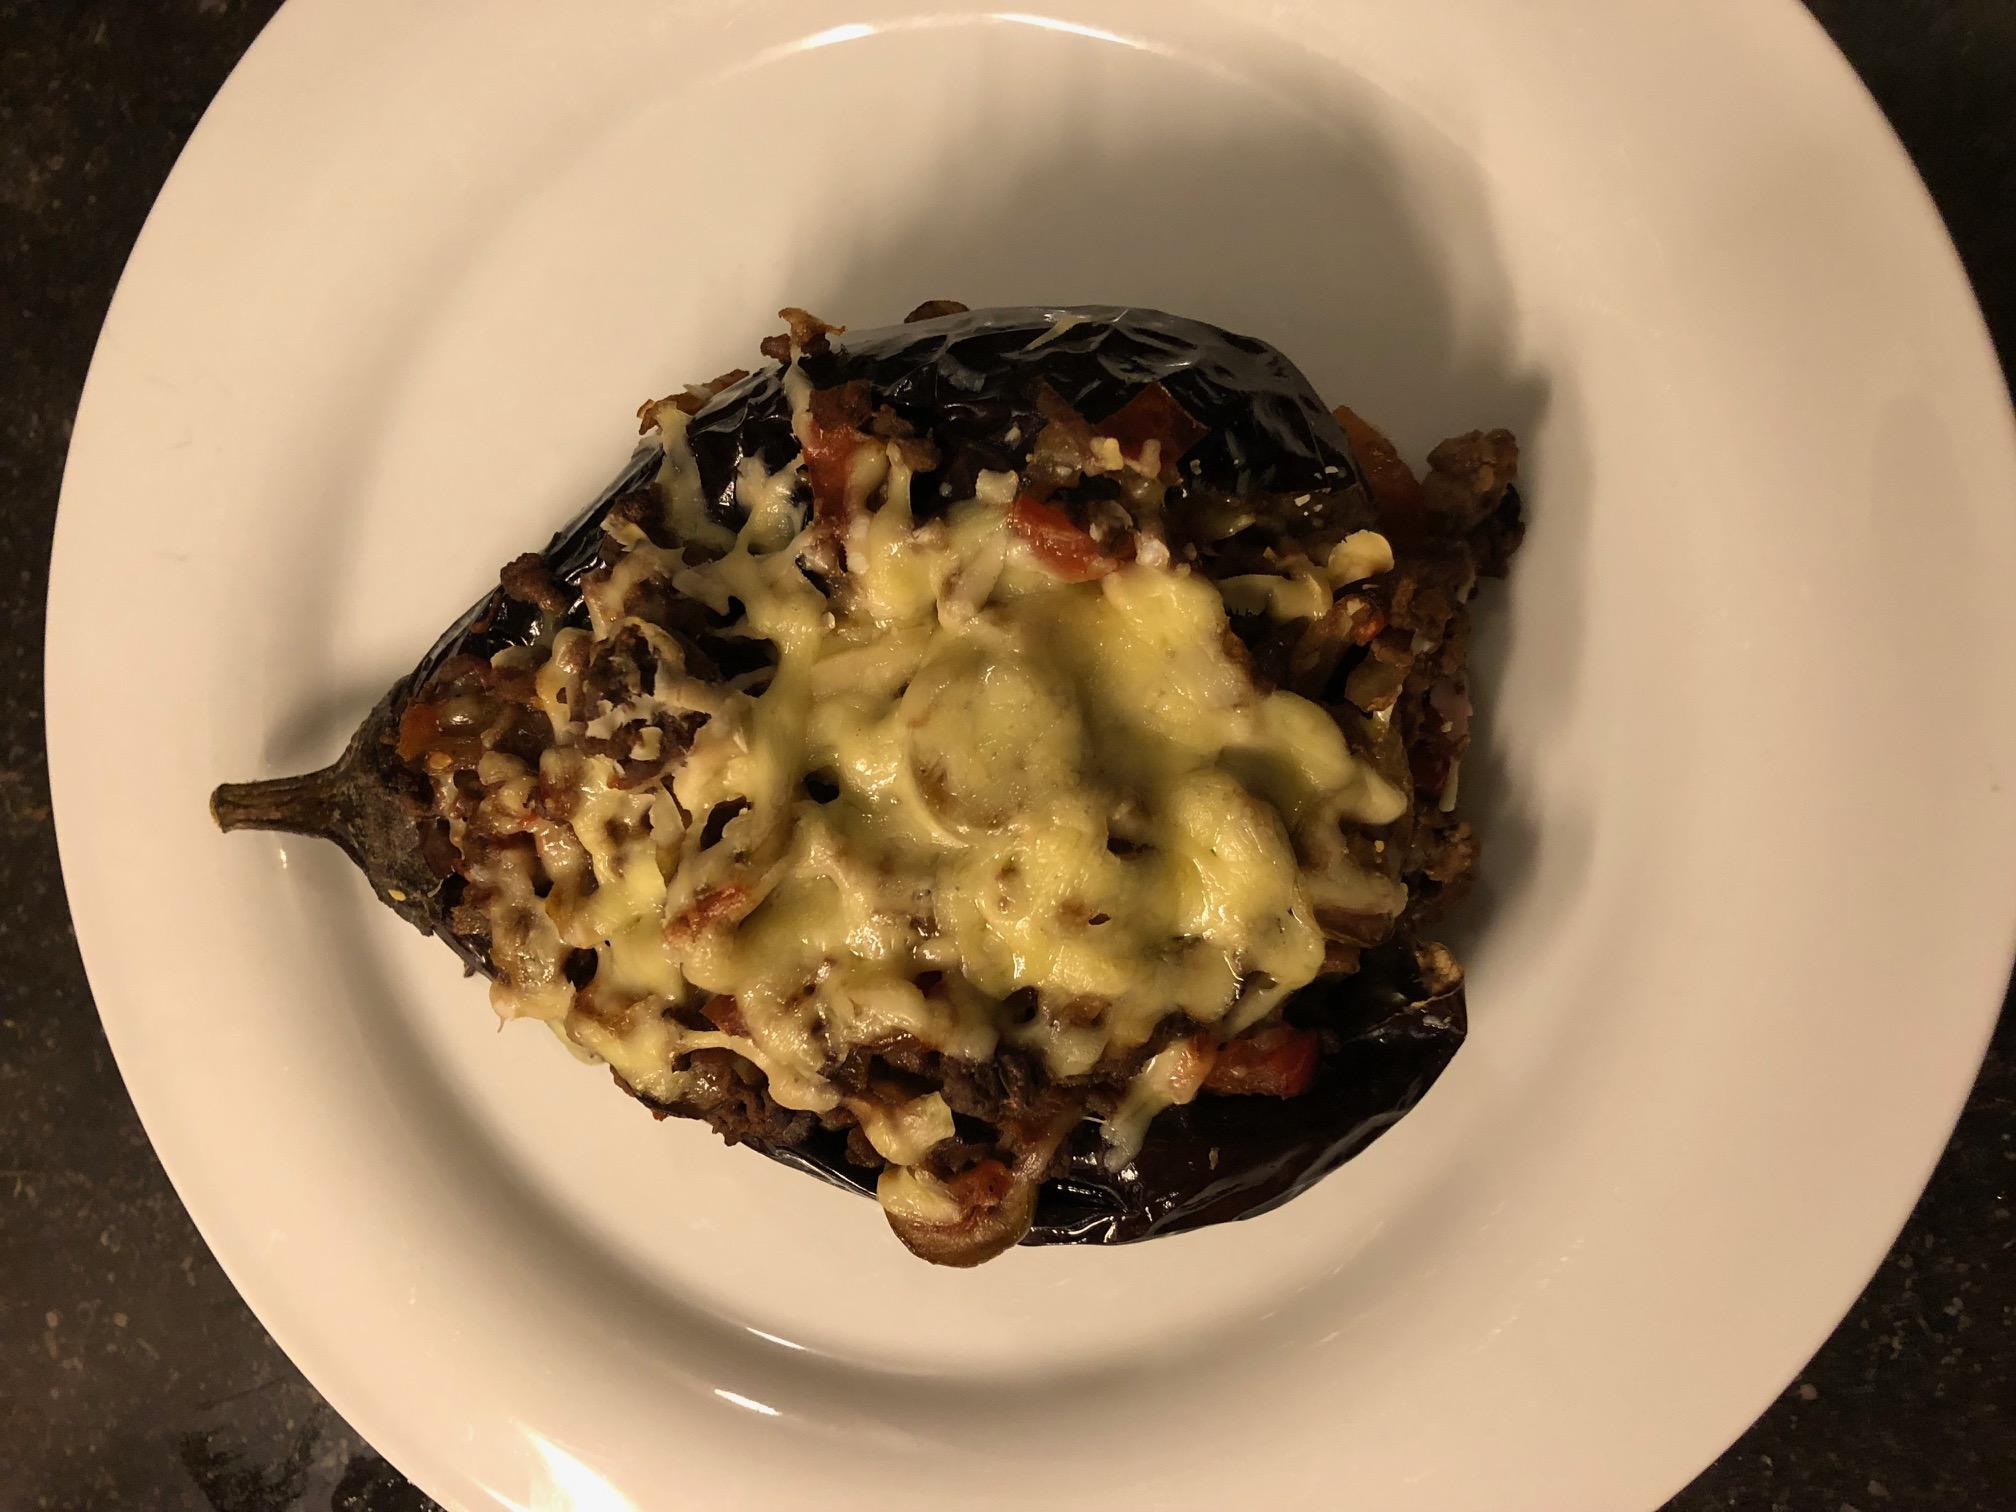 Gepofte aubergine met gehakt - mager recept